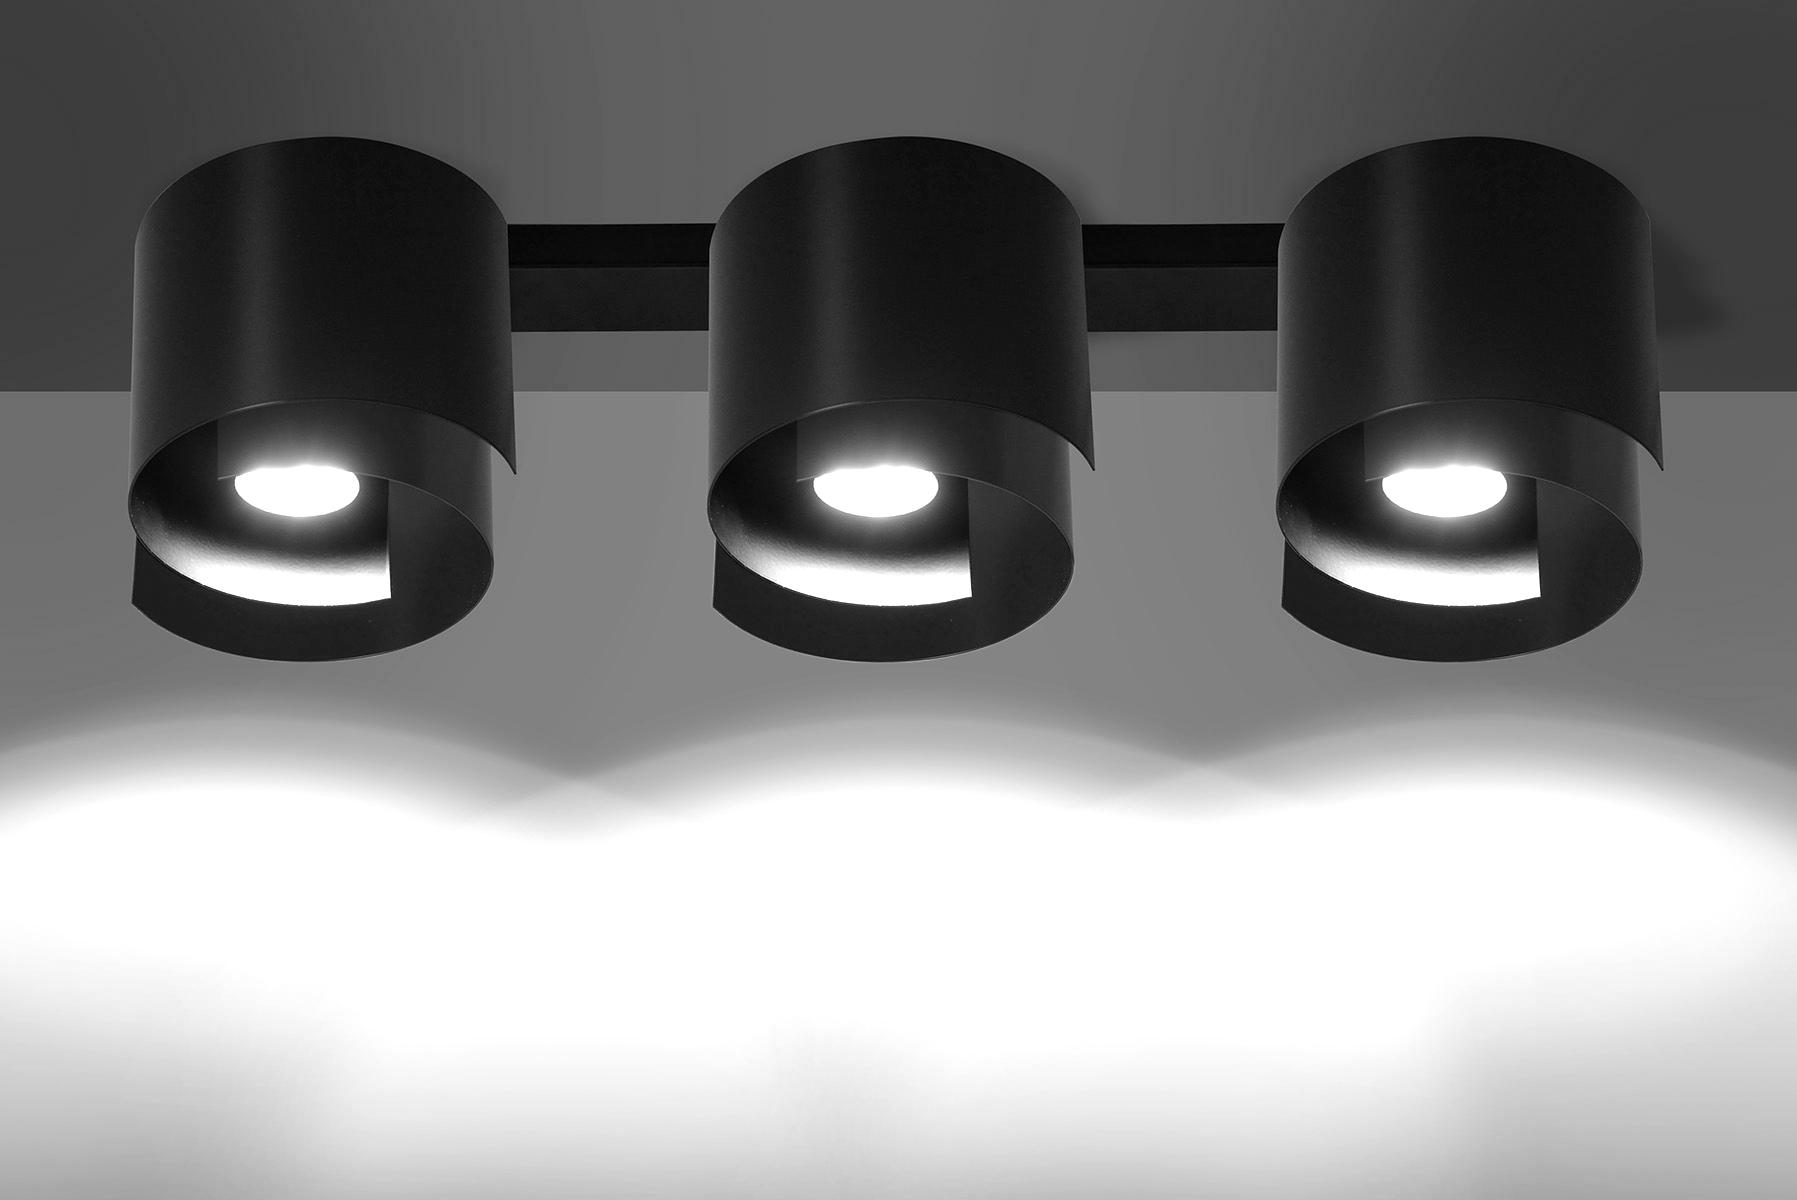 Deckenlampe Schwarz Metall Design rund 3x GU10